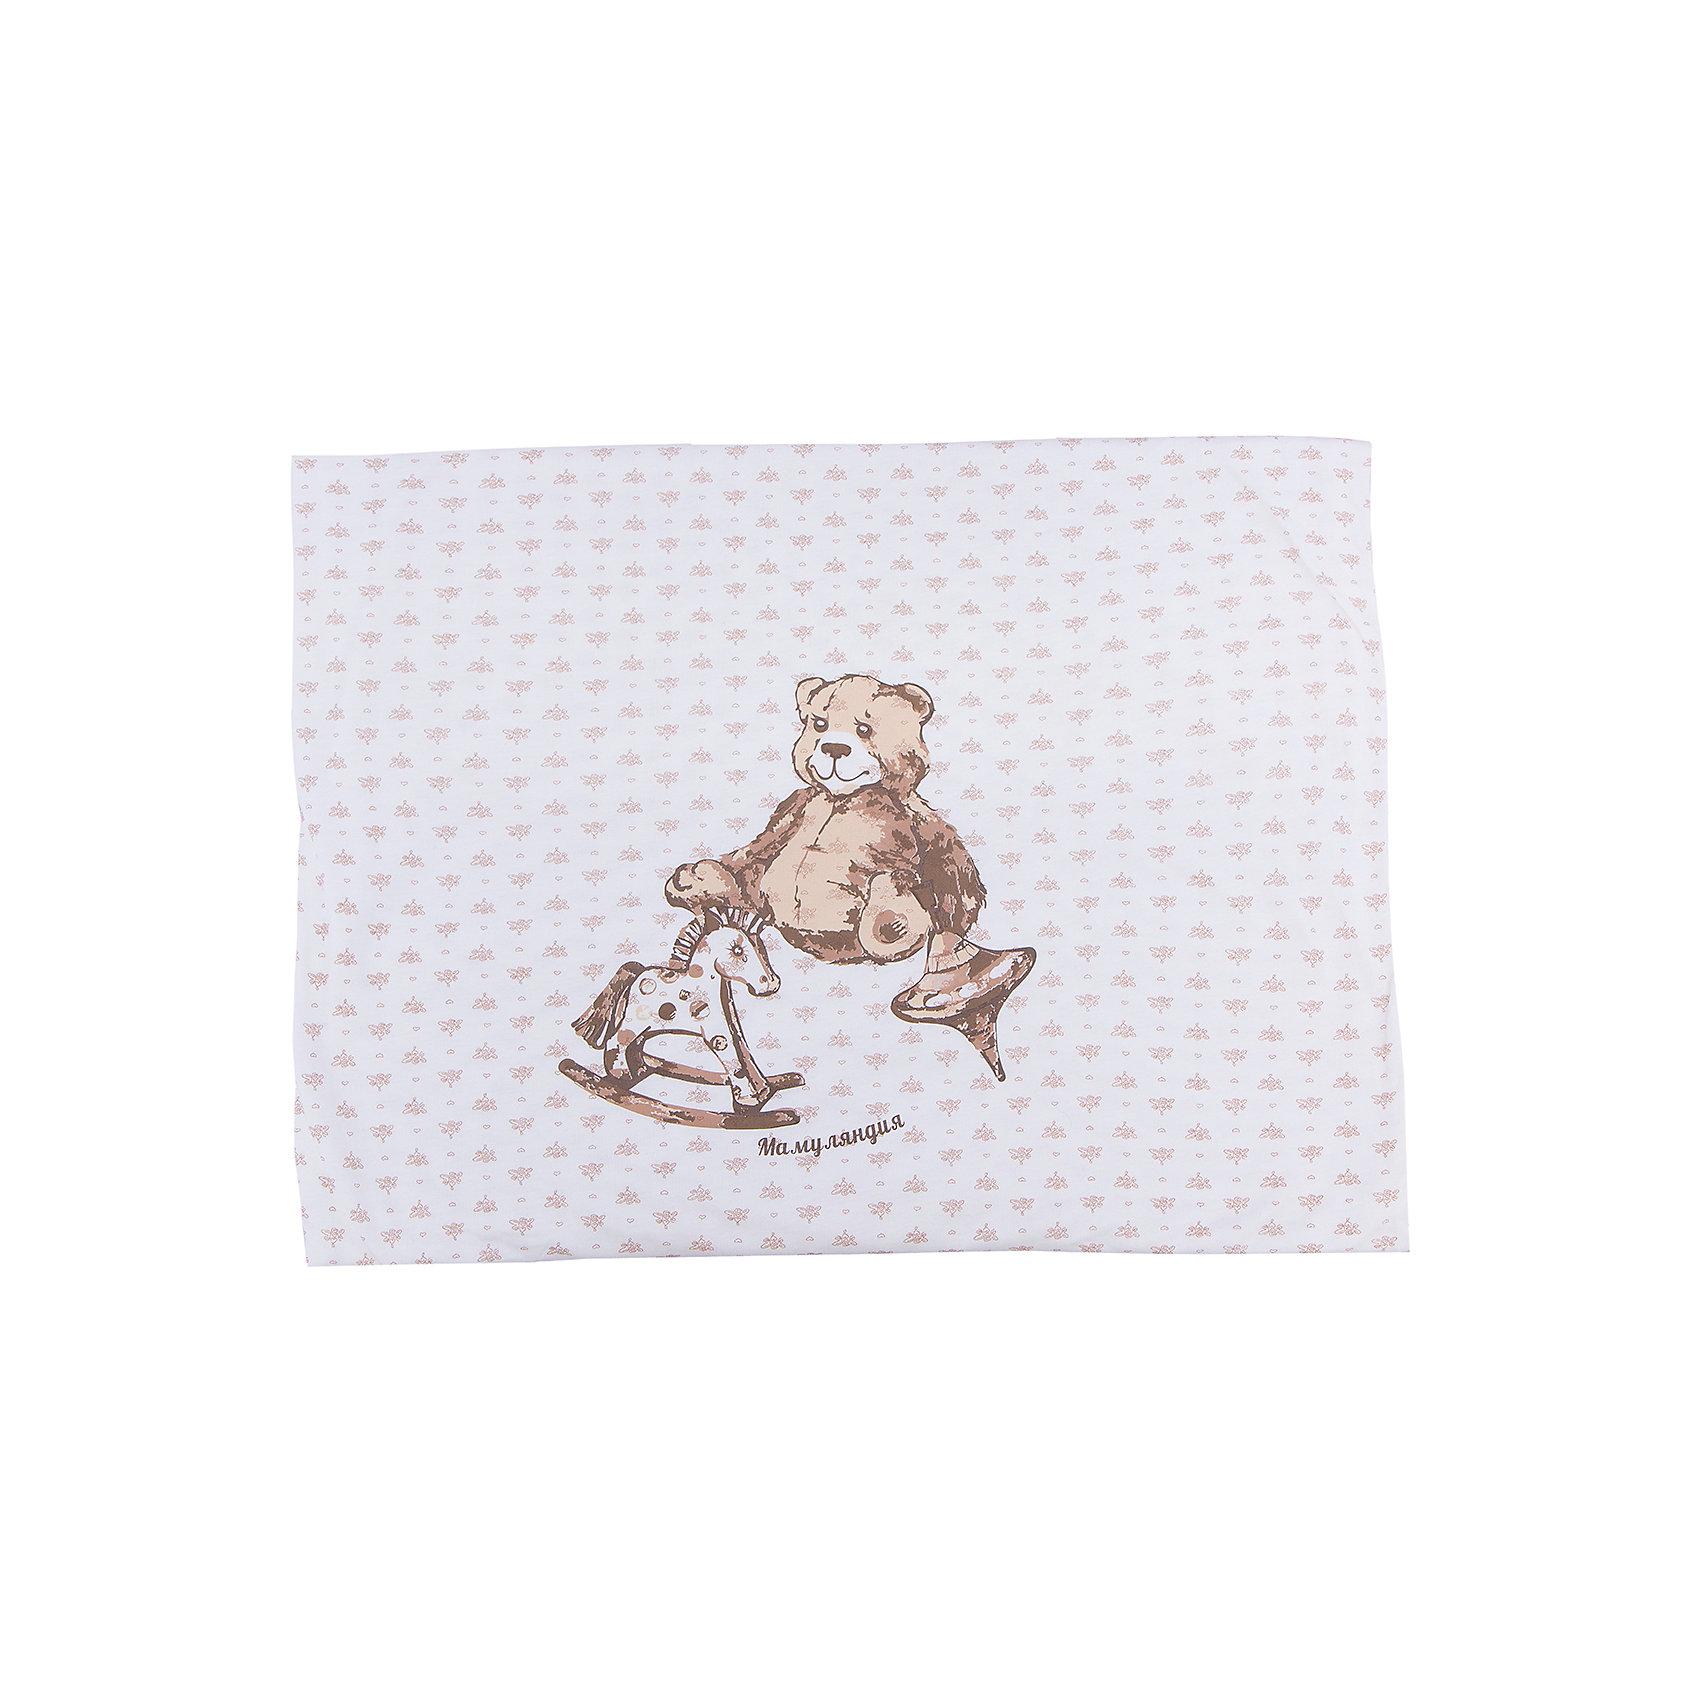 Комплект постельного белья  МамуляндияПледы и одеяла<br>Комплект постельного белья из 3-х предметов. Все предметы продуманы до мелочей: пододеяльник на кнопках, простыня на резинке, комплект выполнен из трикотажноготна высшего качества (пенье) с фирменным набивным рисунком Мамуляндия, украшен гипоаллергенным принтом на водной основе. Дополнительно можно приобрести пижаму из этой же коллекции. <br>В комплект входят: простыня на резинке 60х120 см, наволочка 40х60 см, пододеяльник на кнопках 112х145 см.<br>Рекомендации по уходу: стирать при 40 С, гладить при средней температуре. 100% хлопок<br><br>Ширина мм: 170<br>Глубина мм: 157<br>Высота мм: 67<br>Вес г: 117<br>Цвет: белый<br>Возраст от месяцев: 0<br>Возраст до месяцев: 24<br>Пол: Унисекс<br>Возраст: Детский<br>Размер: one size<br>SKU: 4735744